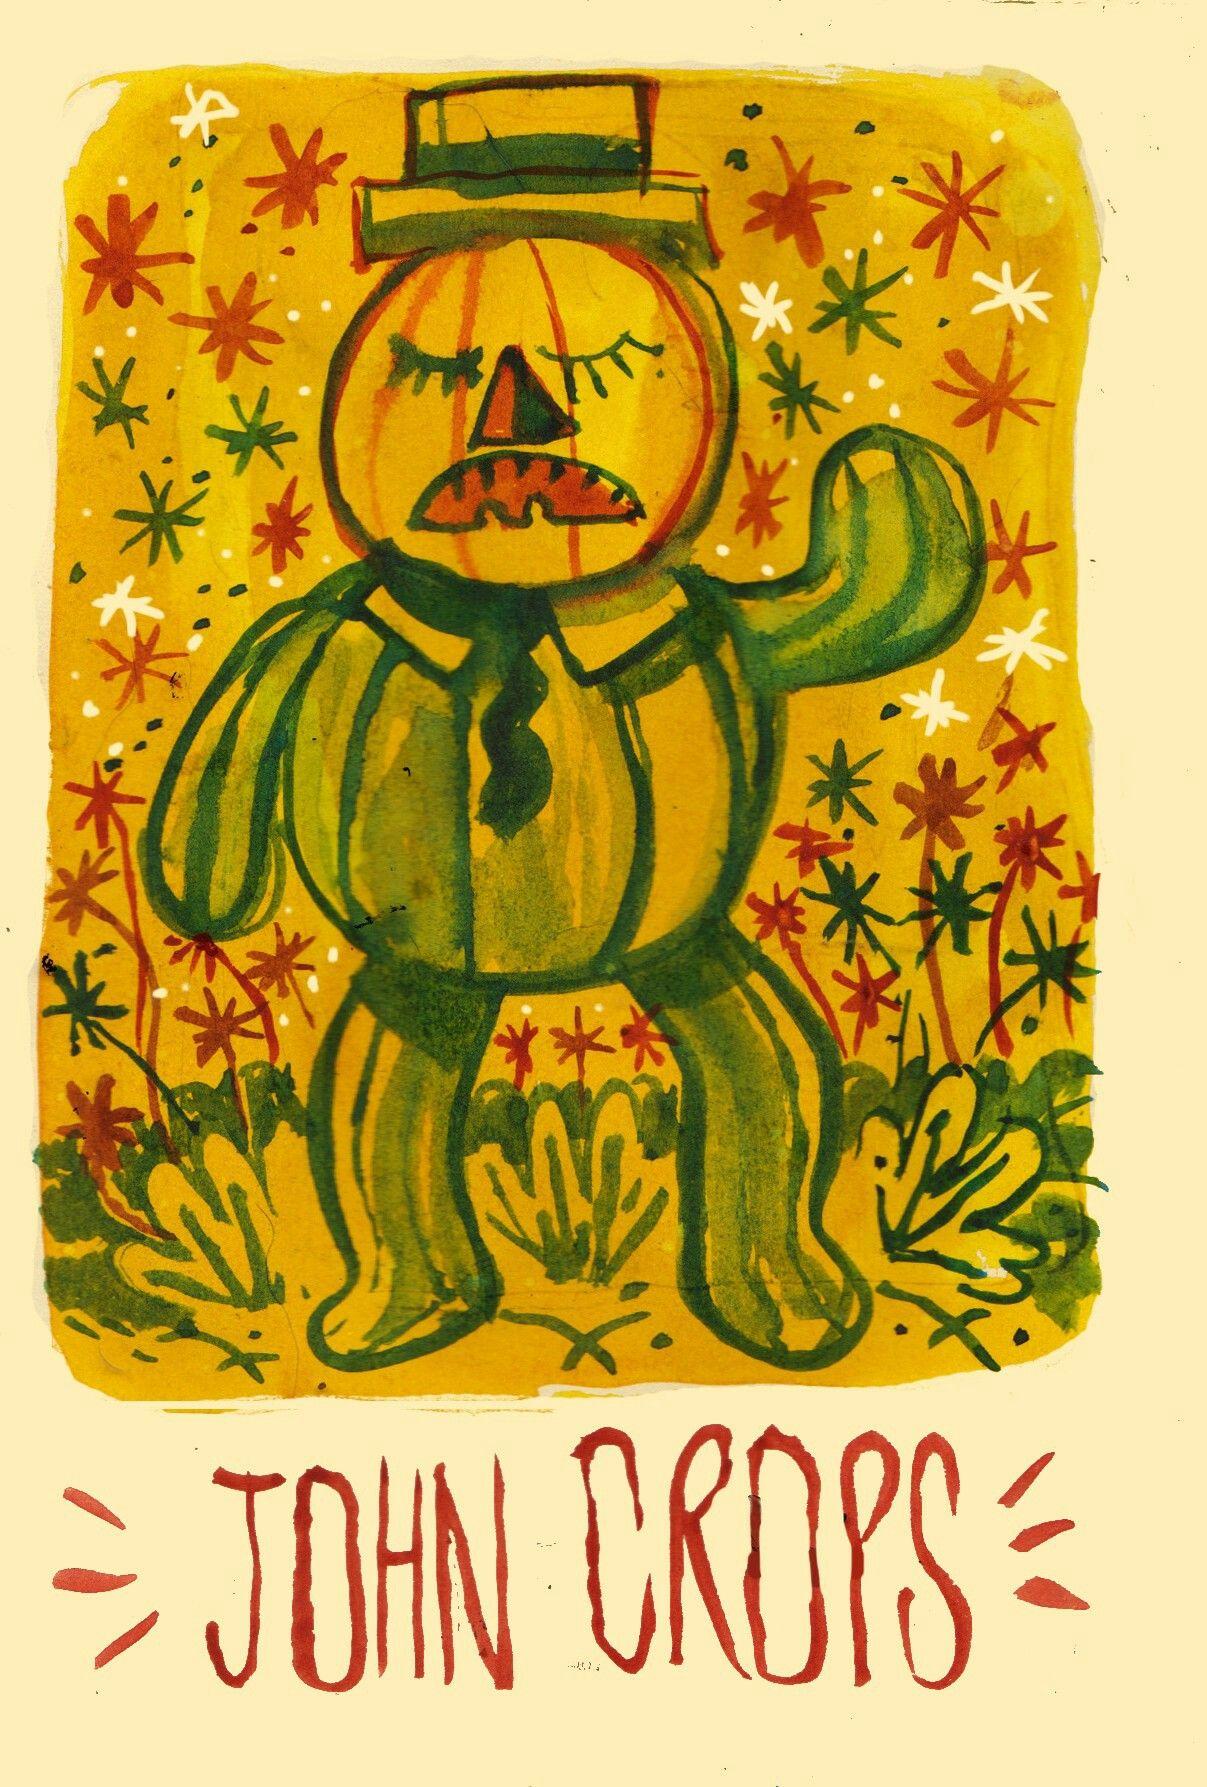 john crops por pedro cobiaco tumblr over the garden wall over